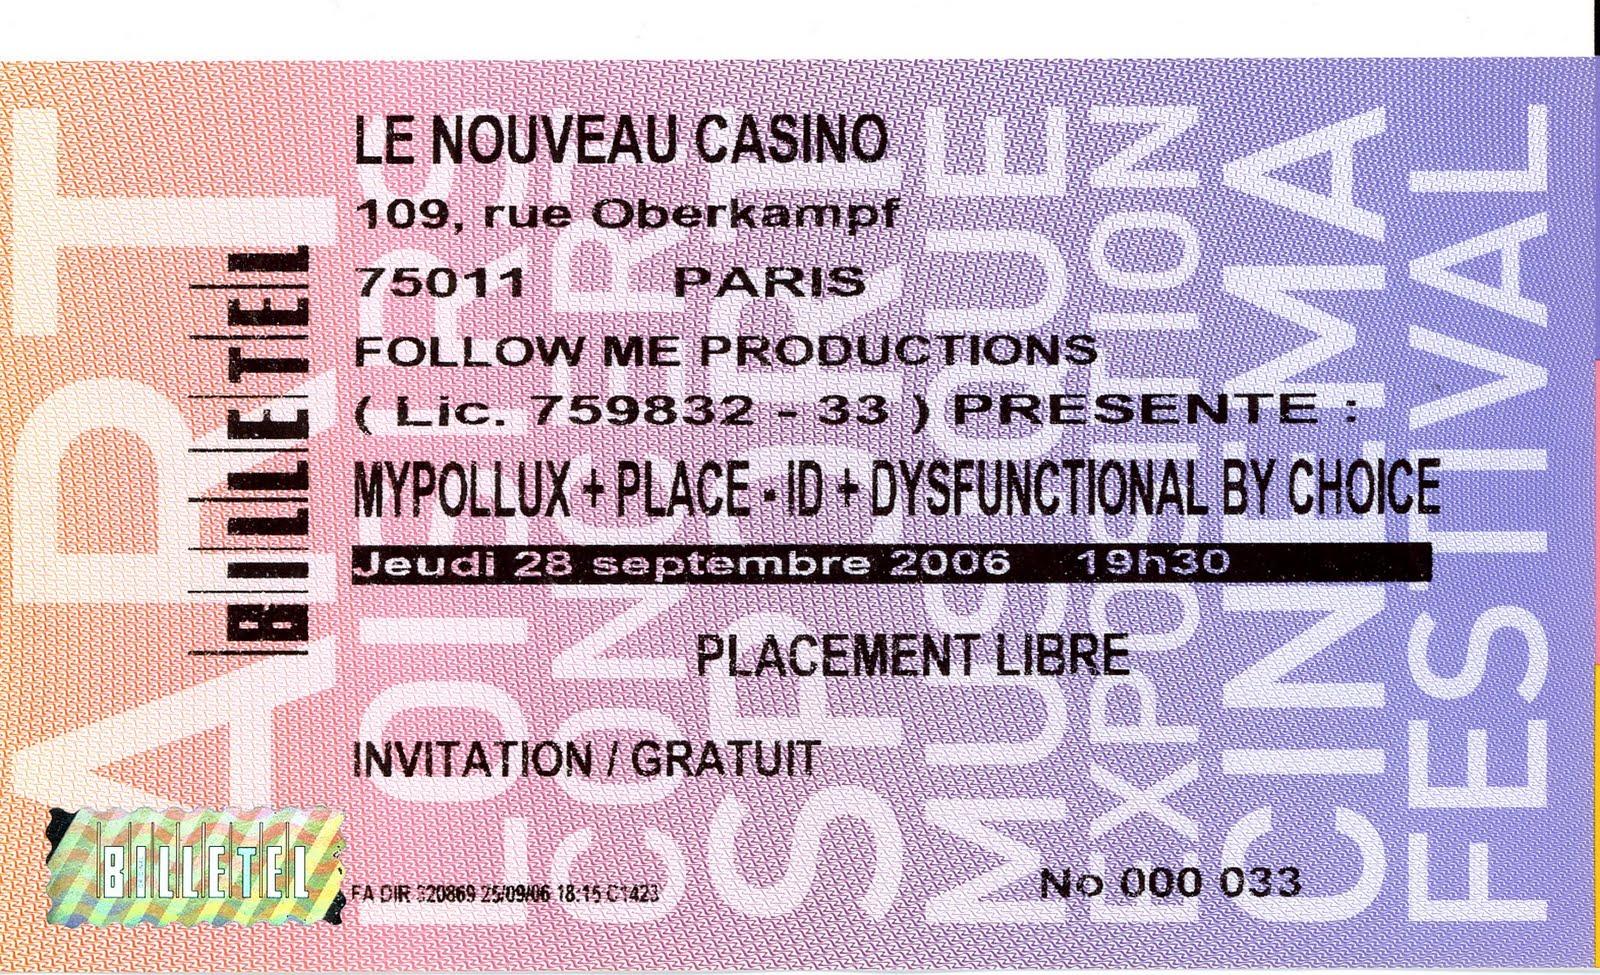 Le nouveau casino paris france